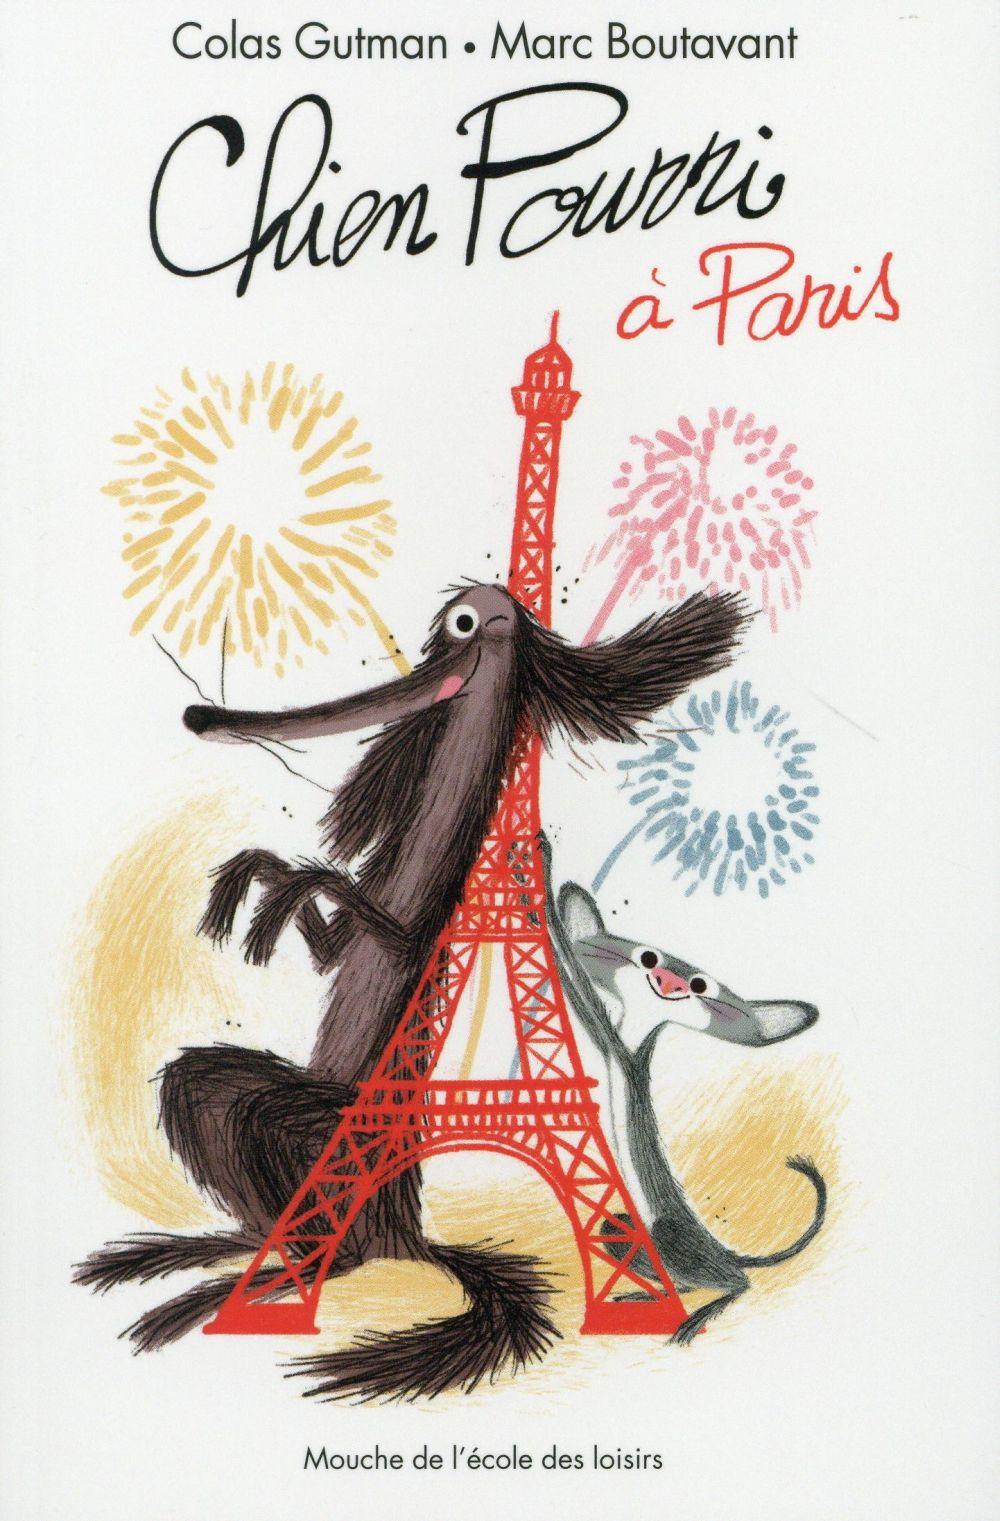 CHIEN POURRI A PARIS